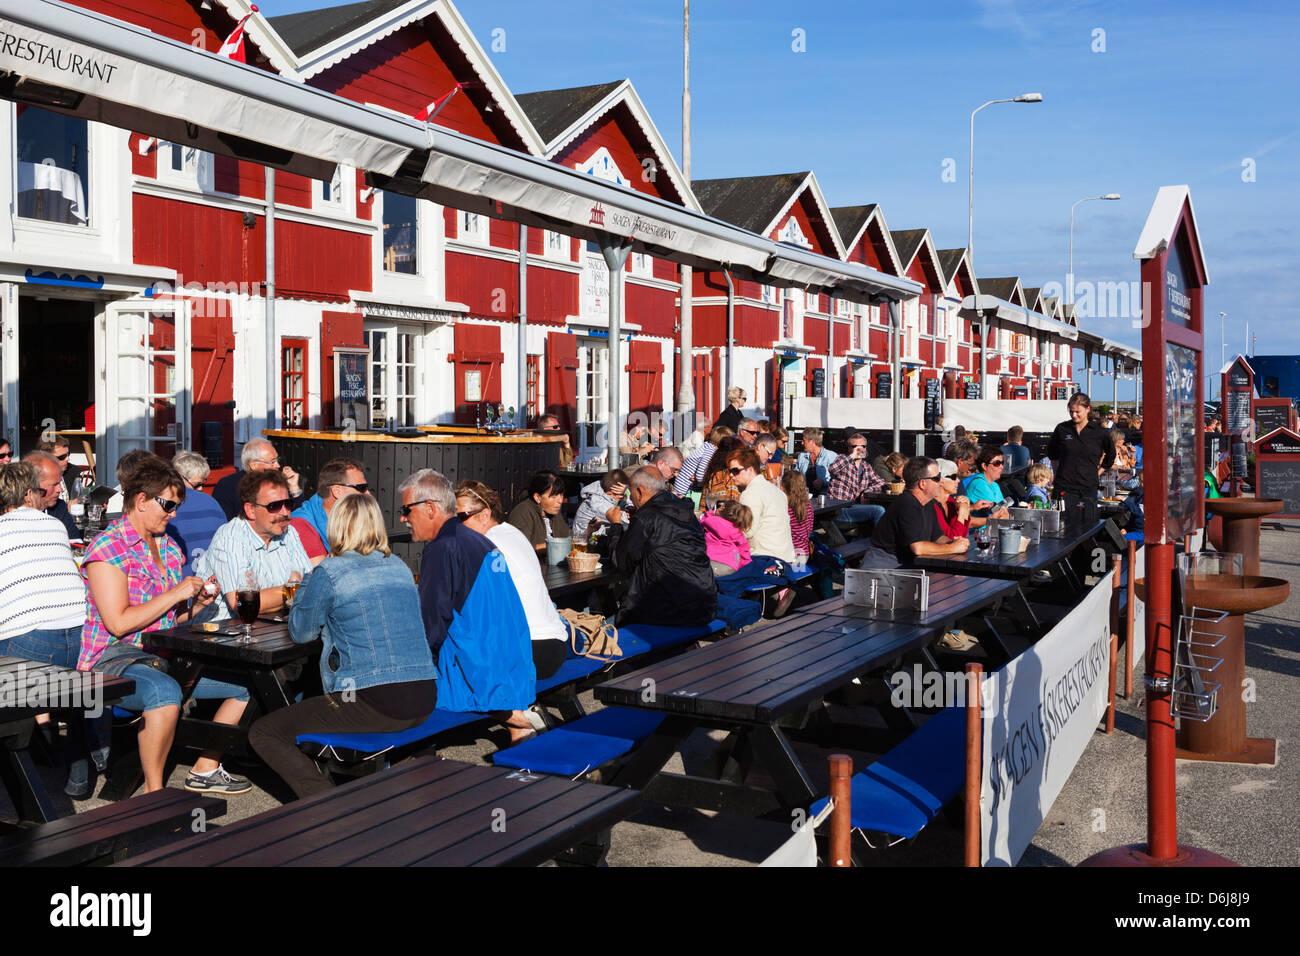 Harbourside seafood restaurants, Skagen, Jutland, Denmark, Scandinavia, Europe - Stock Image